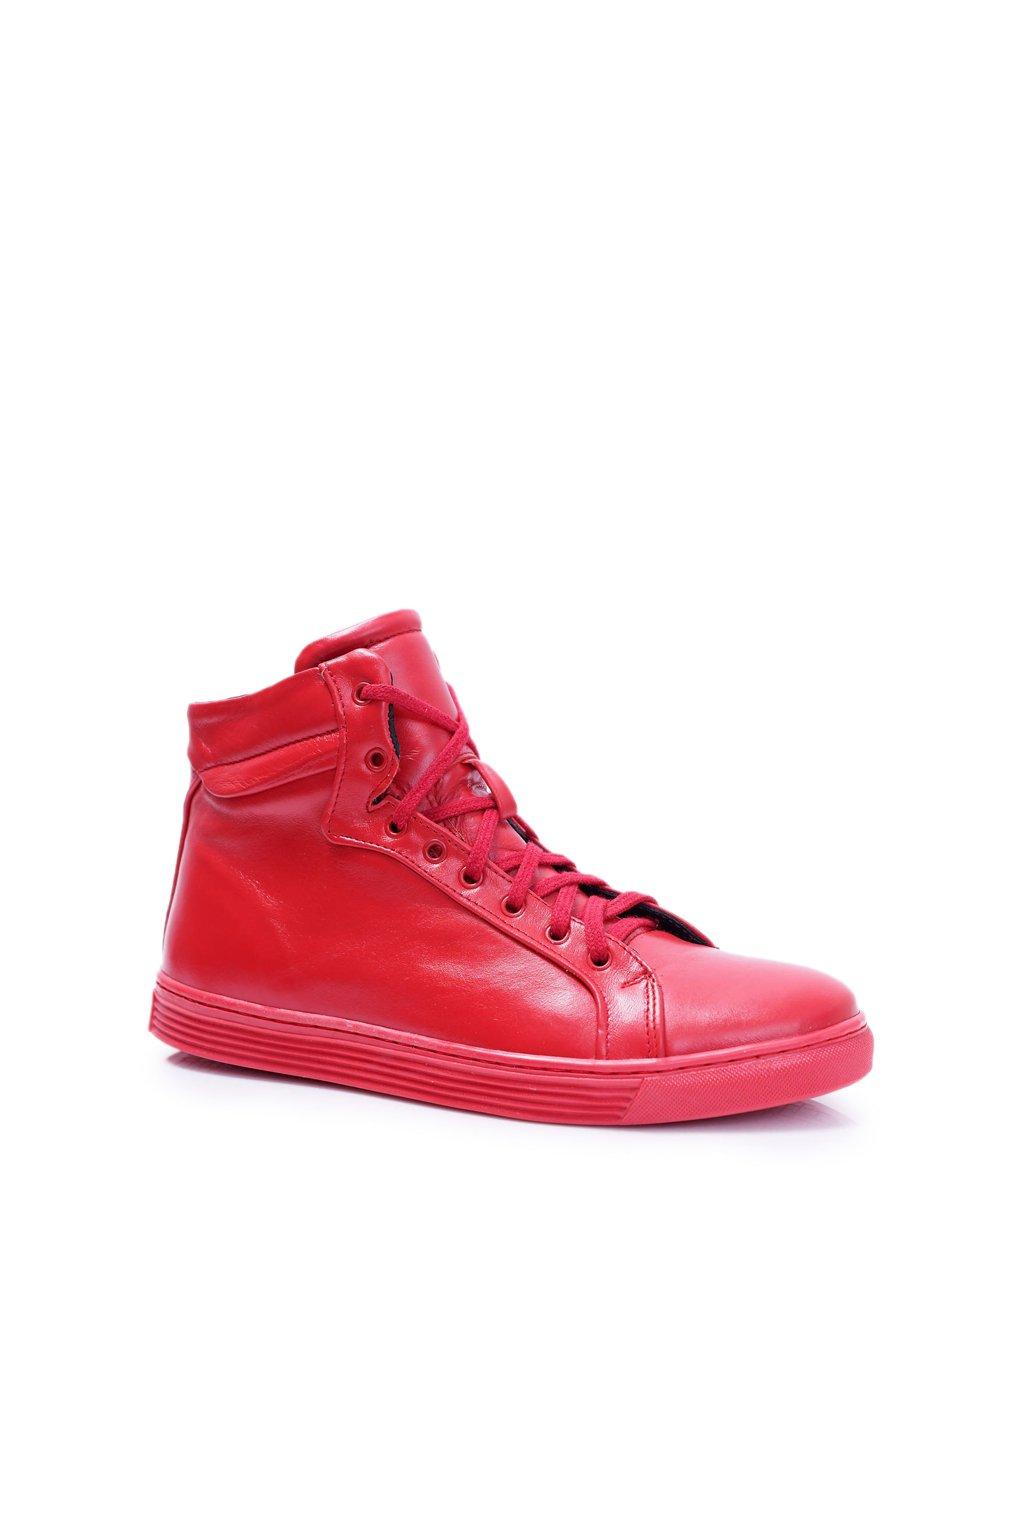 pánske kožené topánky Bednarek Červené Edys